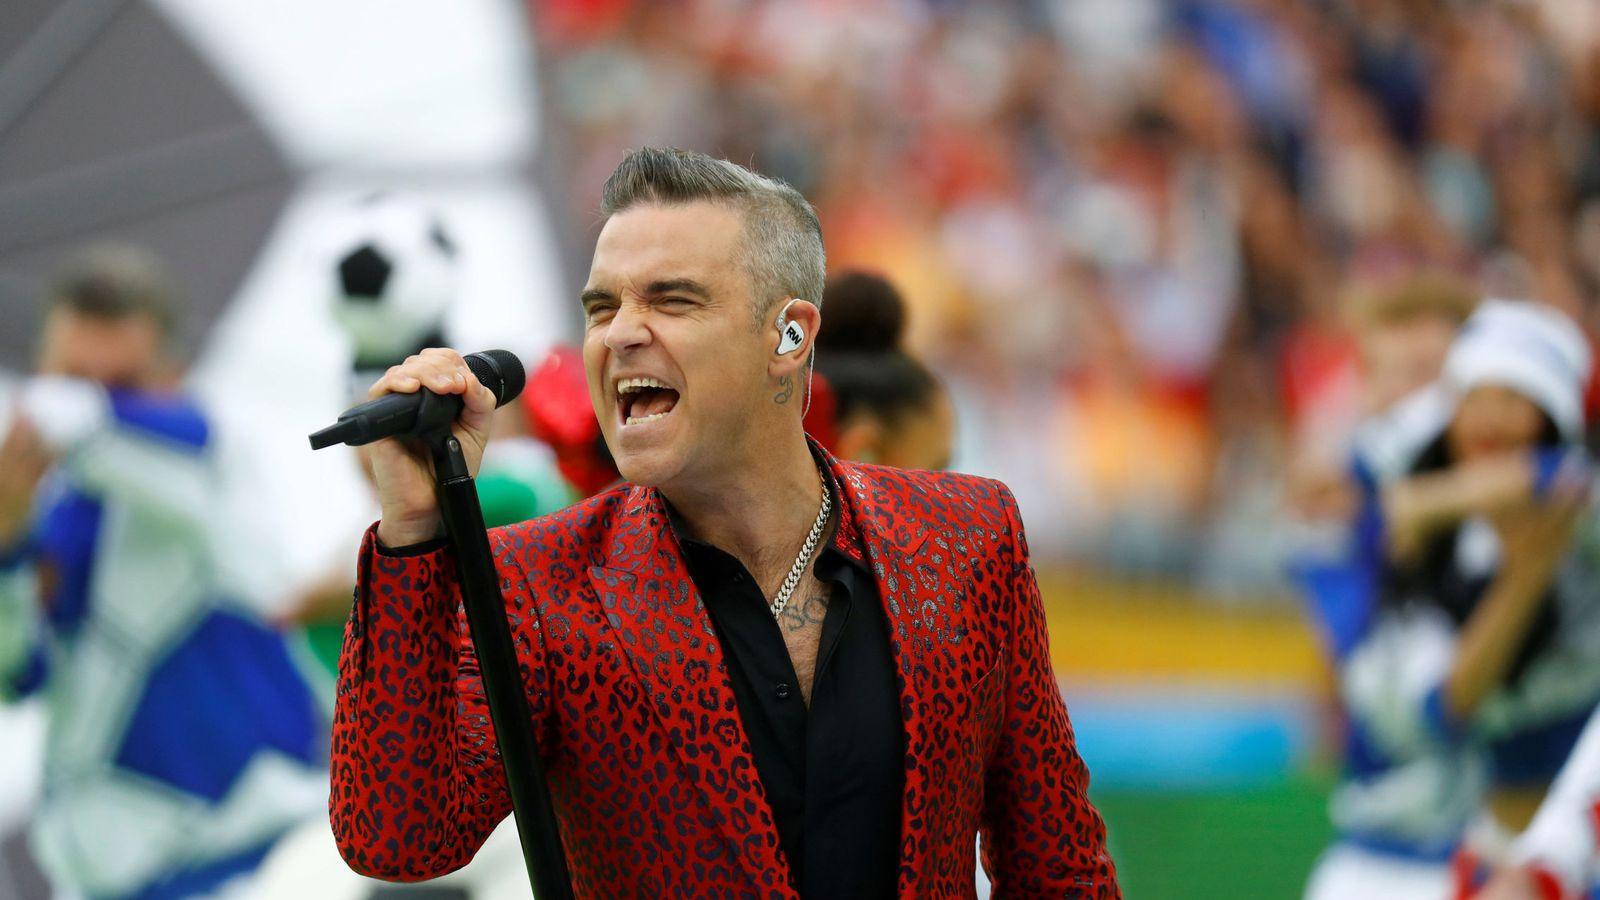 Foto: Robbie Williams en una imagen de archivo. (Reuters)